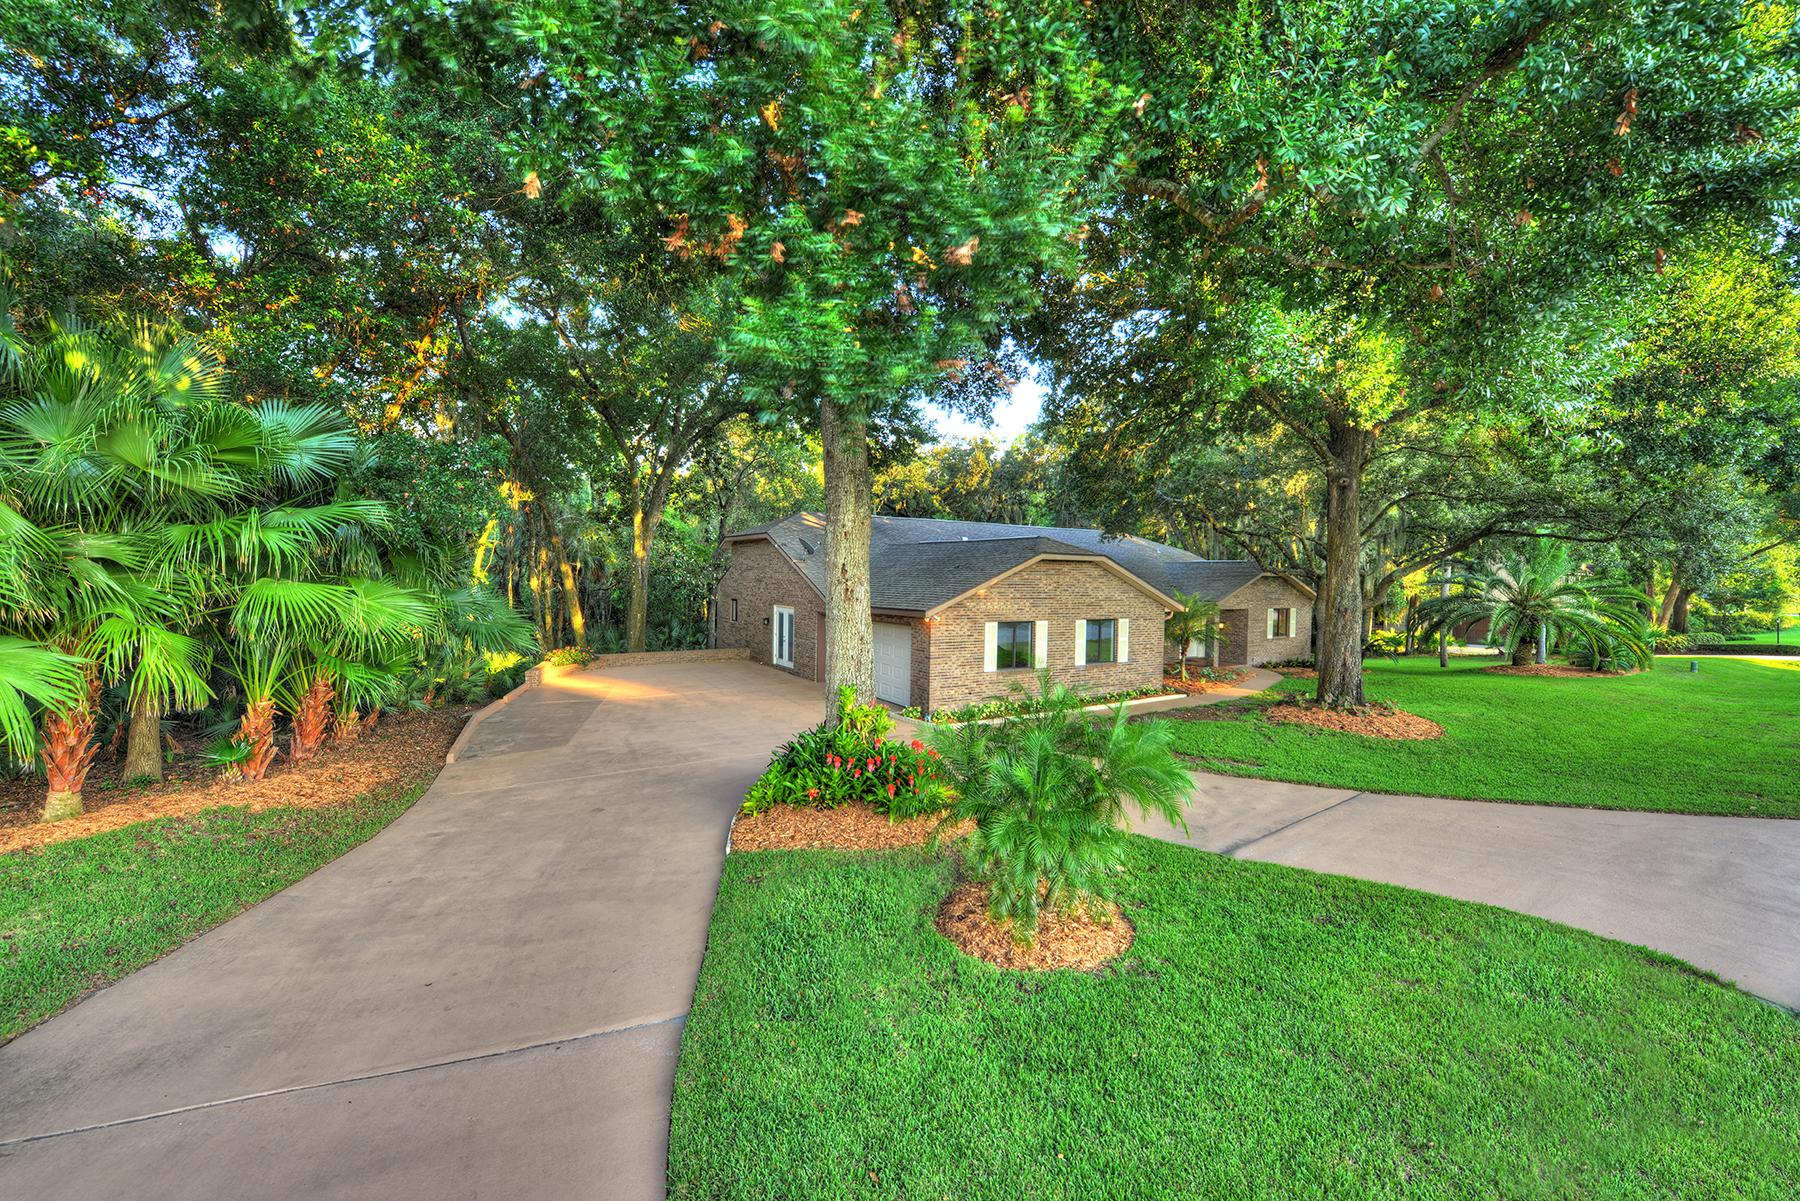 Einfamilienhaus für Verkauf beim SPRUCE CREEK AND THE BEACHES 2630 Spruce Creek Blvd Port Orange, Florida, 32128 Vereinigte Staaten